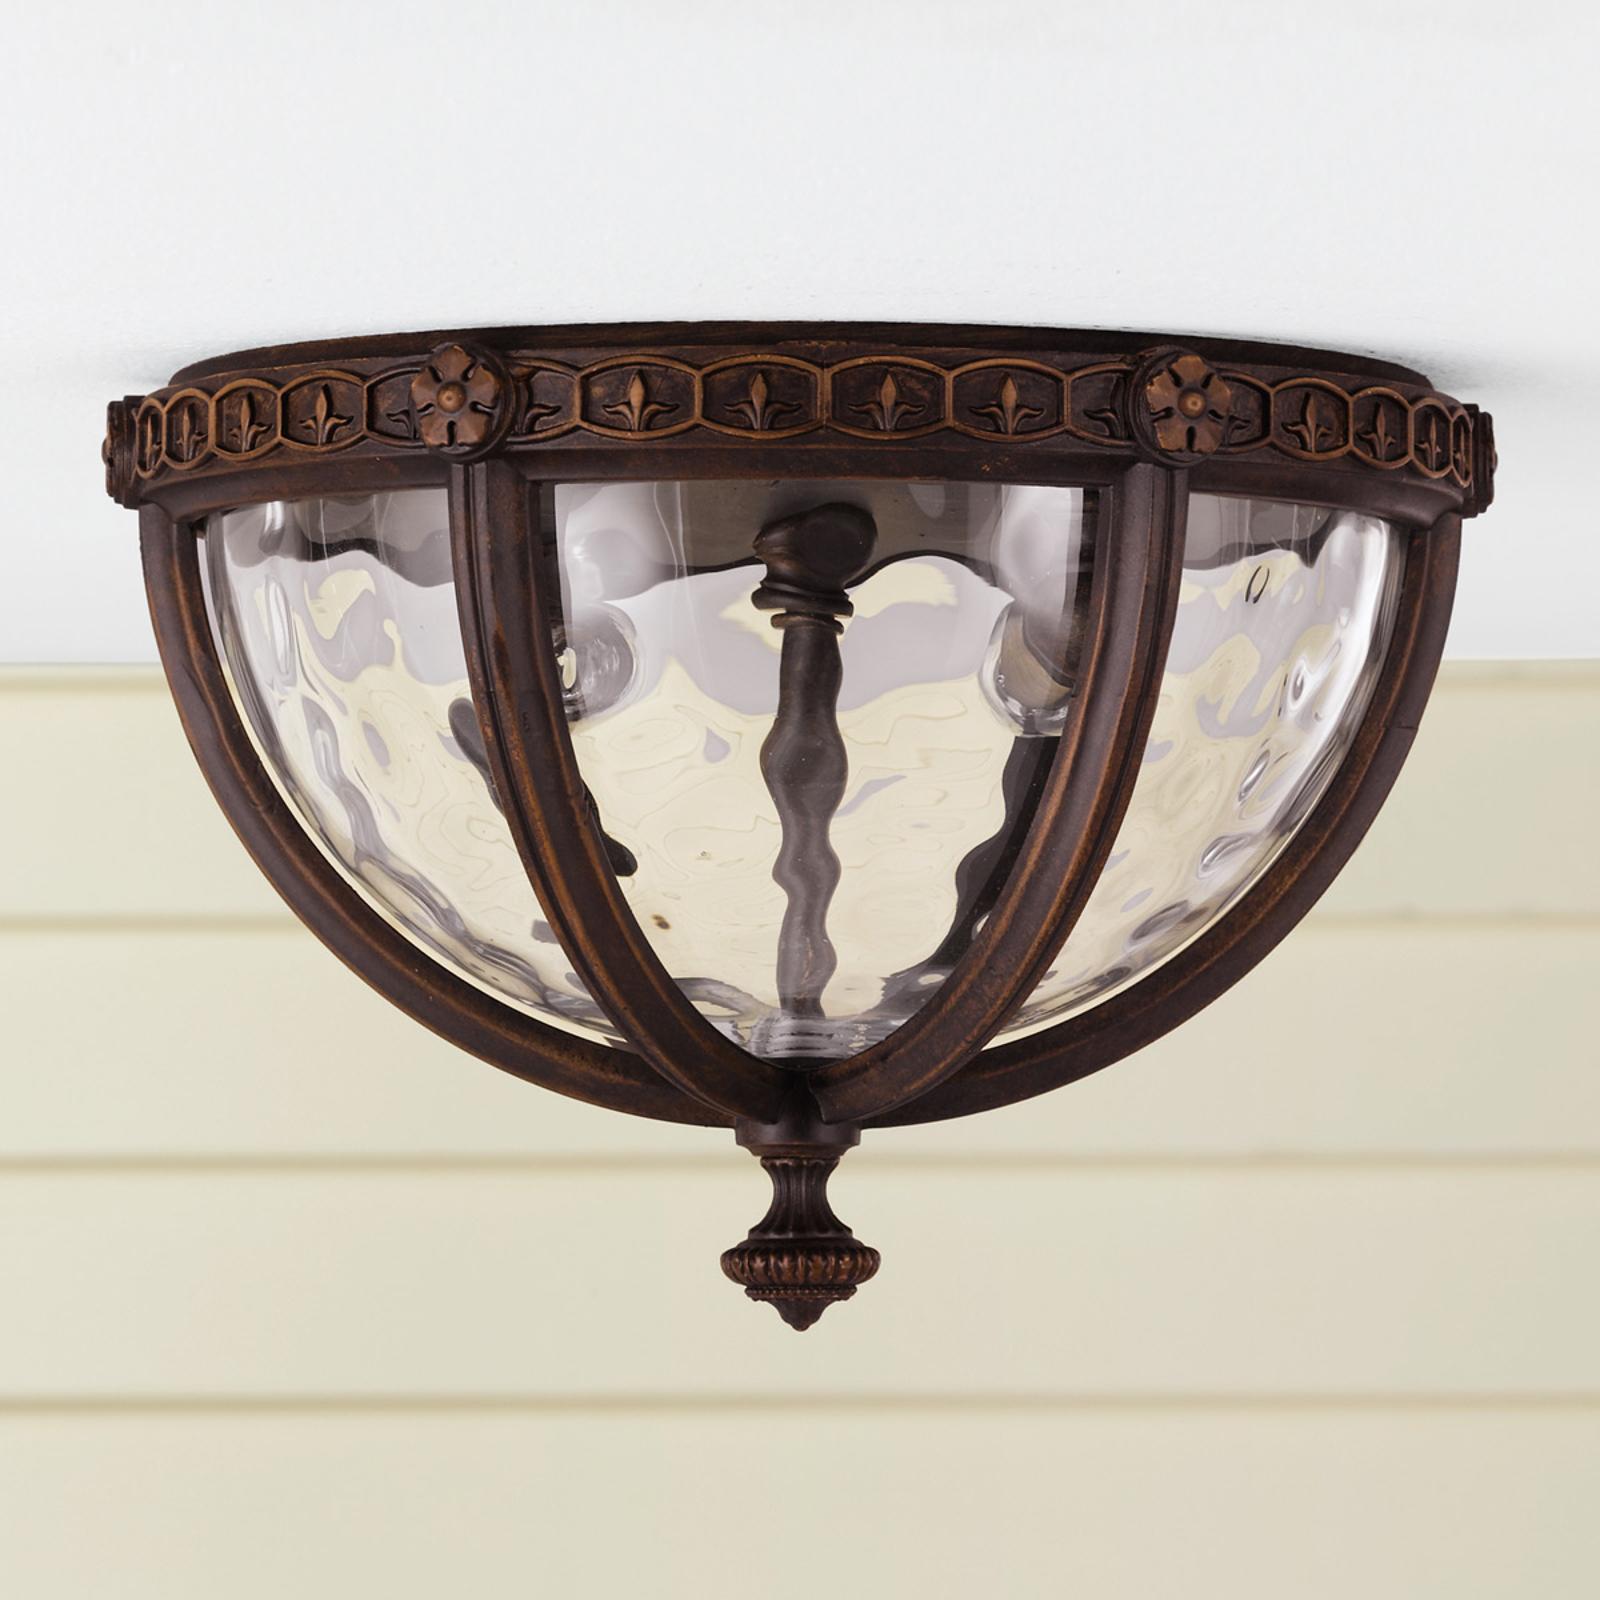 Lampa sufitowa zewnętrzna REGENT COURT